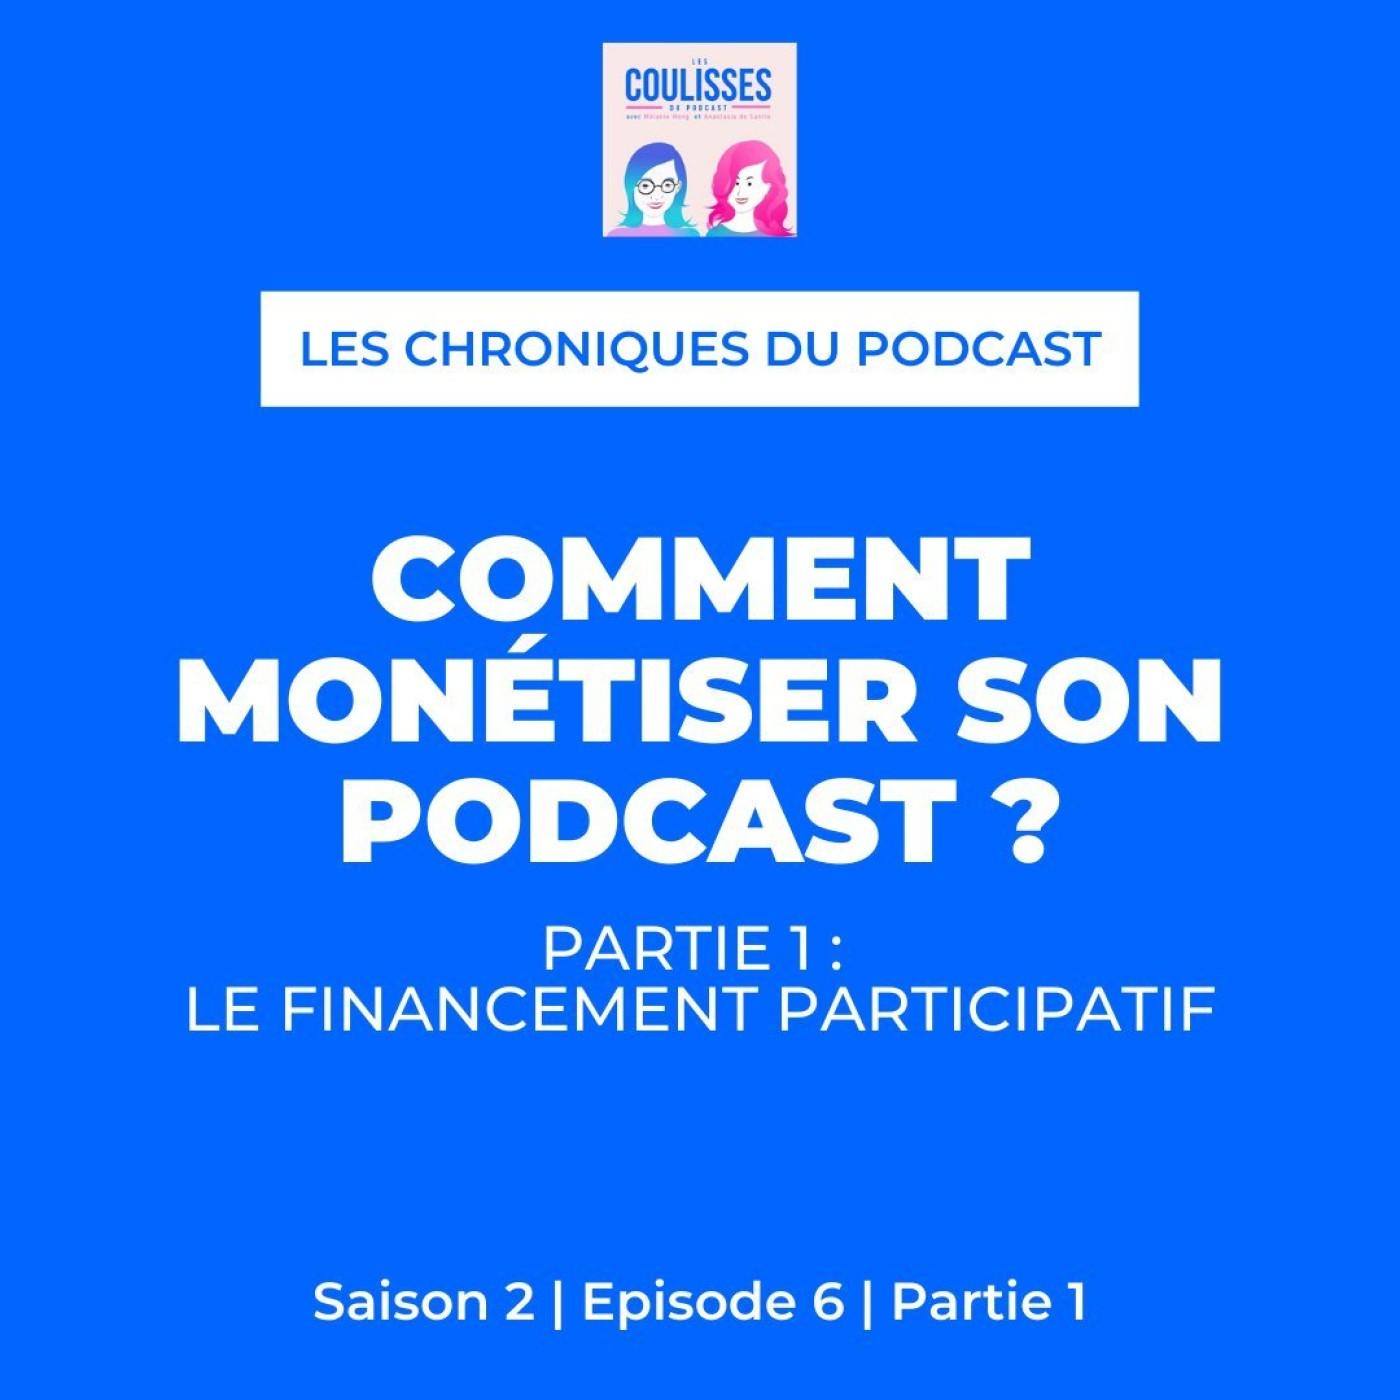 Comment monétiser son podcast - Partie 1 : le financement participatif